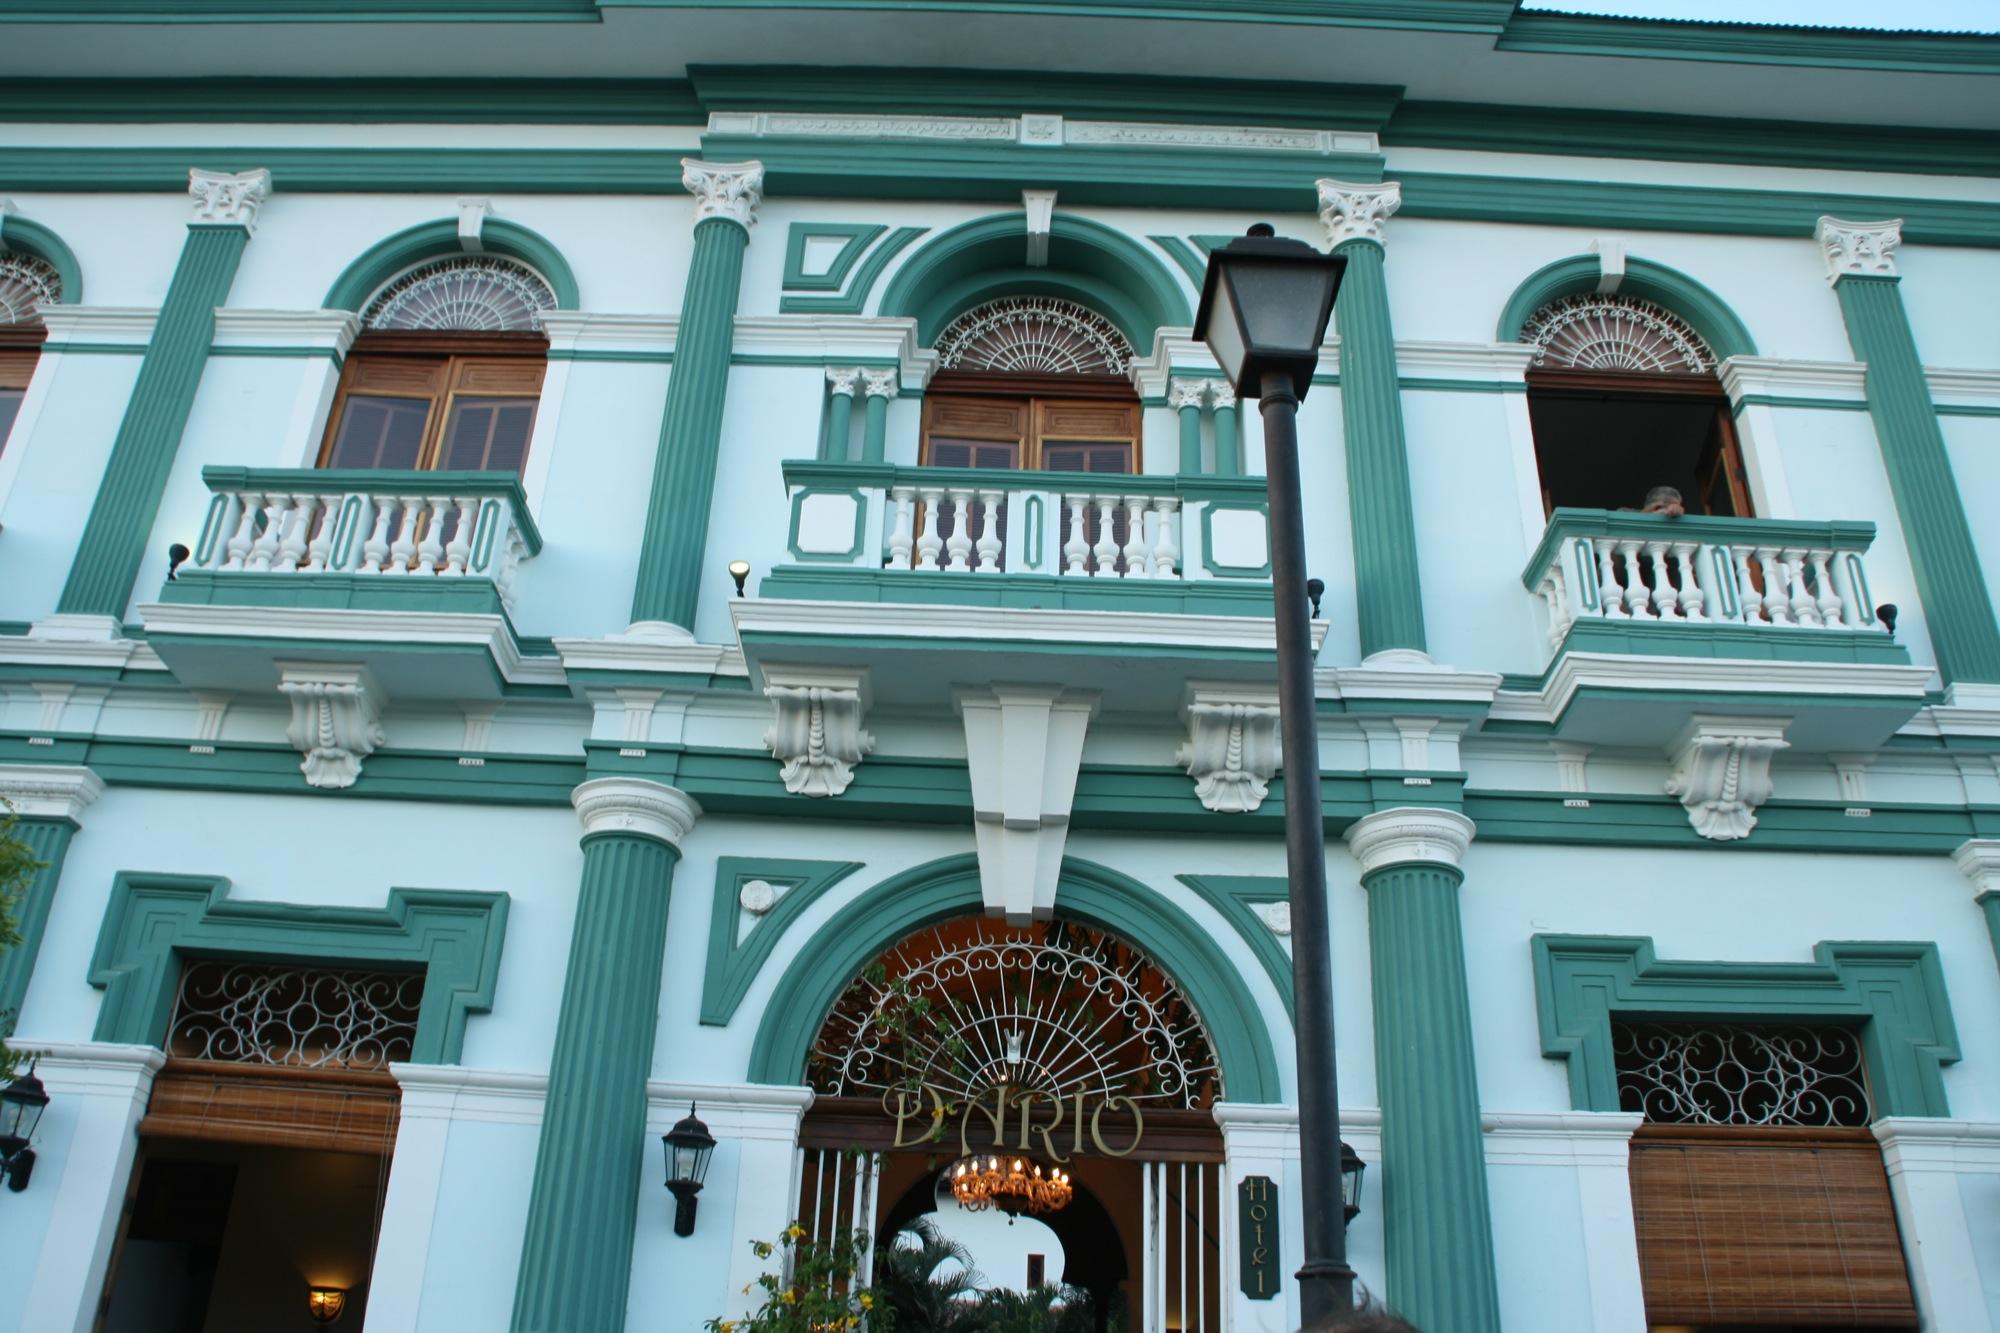 Hotel Darío, Granada, Nicaragua